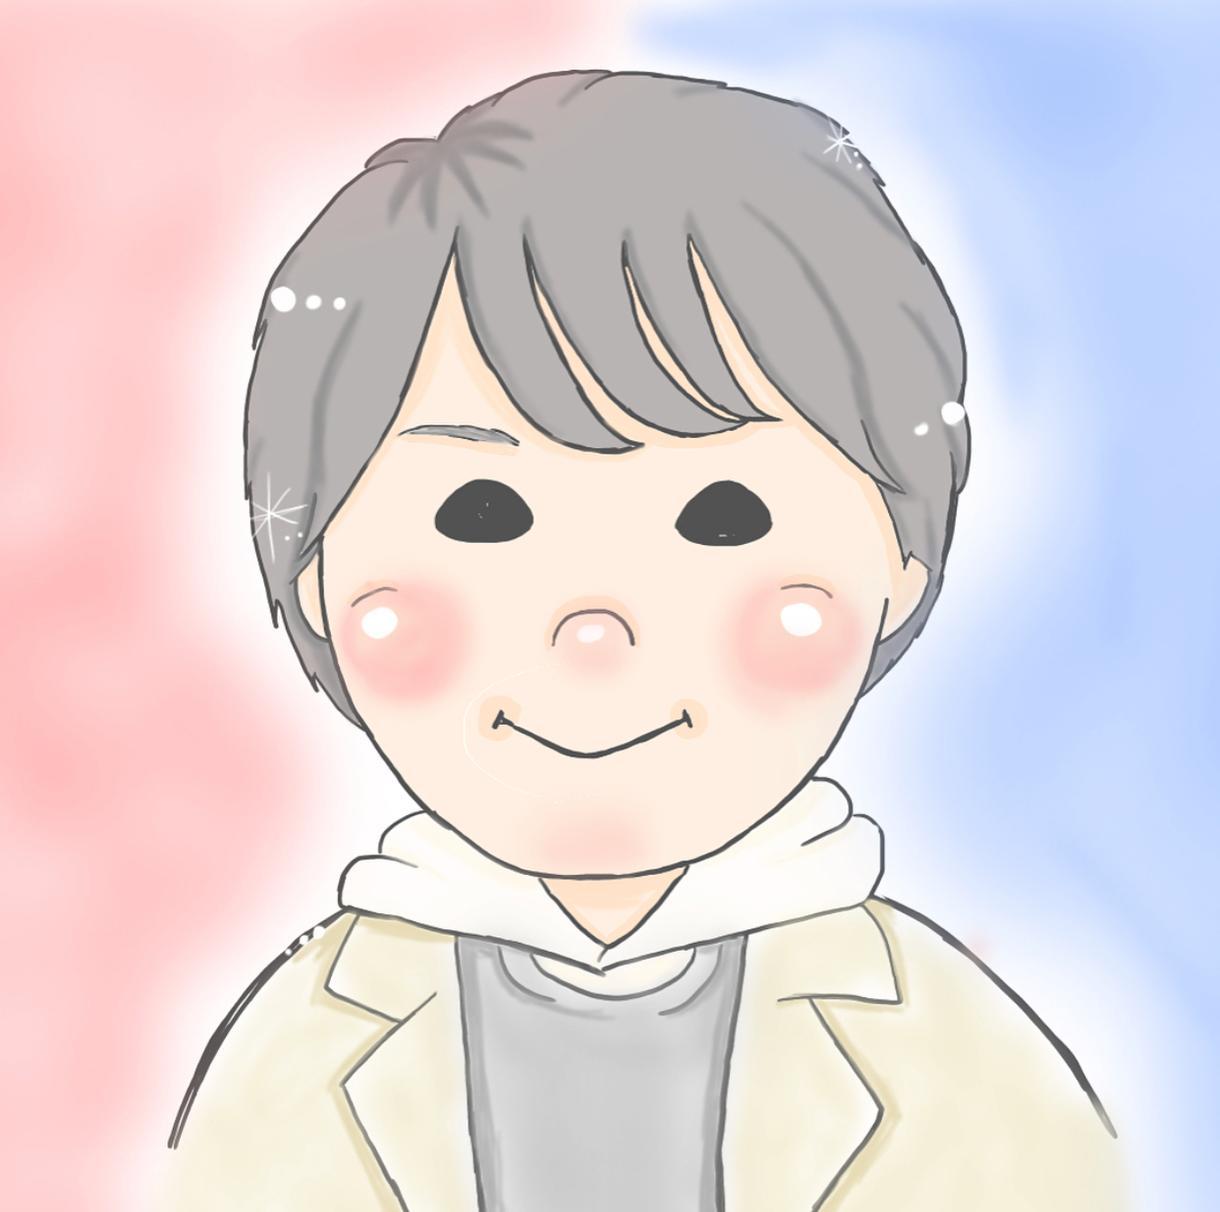 パステルカラーで可愛いキャラクター風似顔絵描きます アイコンなどにおすすめです!♡ペットもオッケーです☺︎